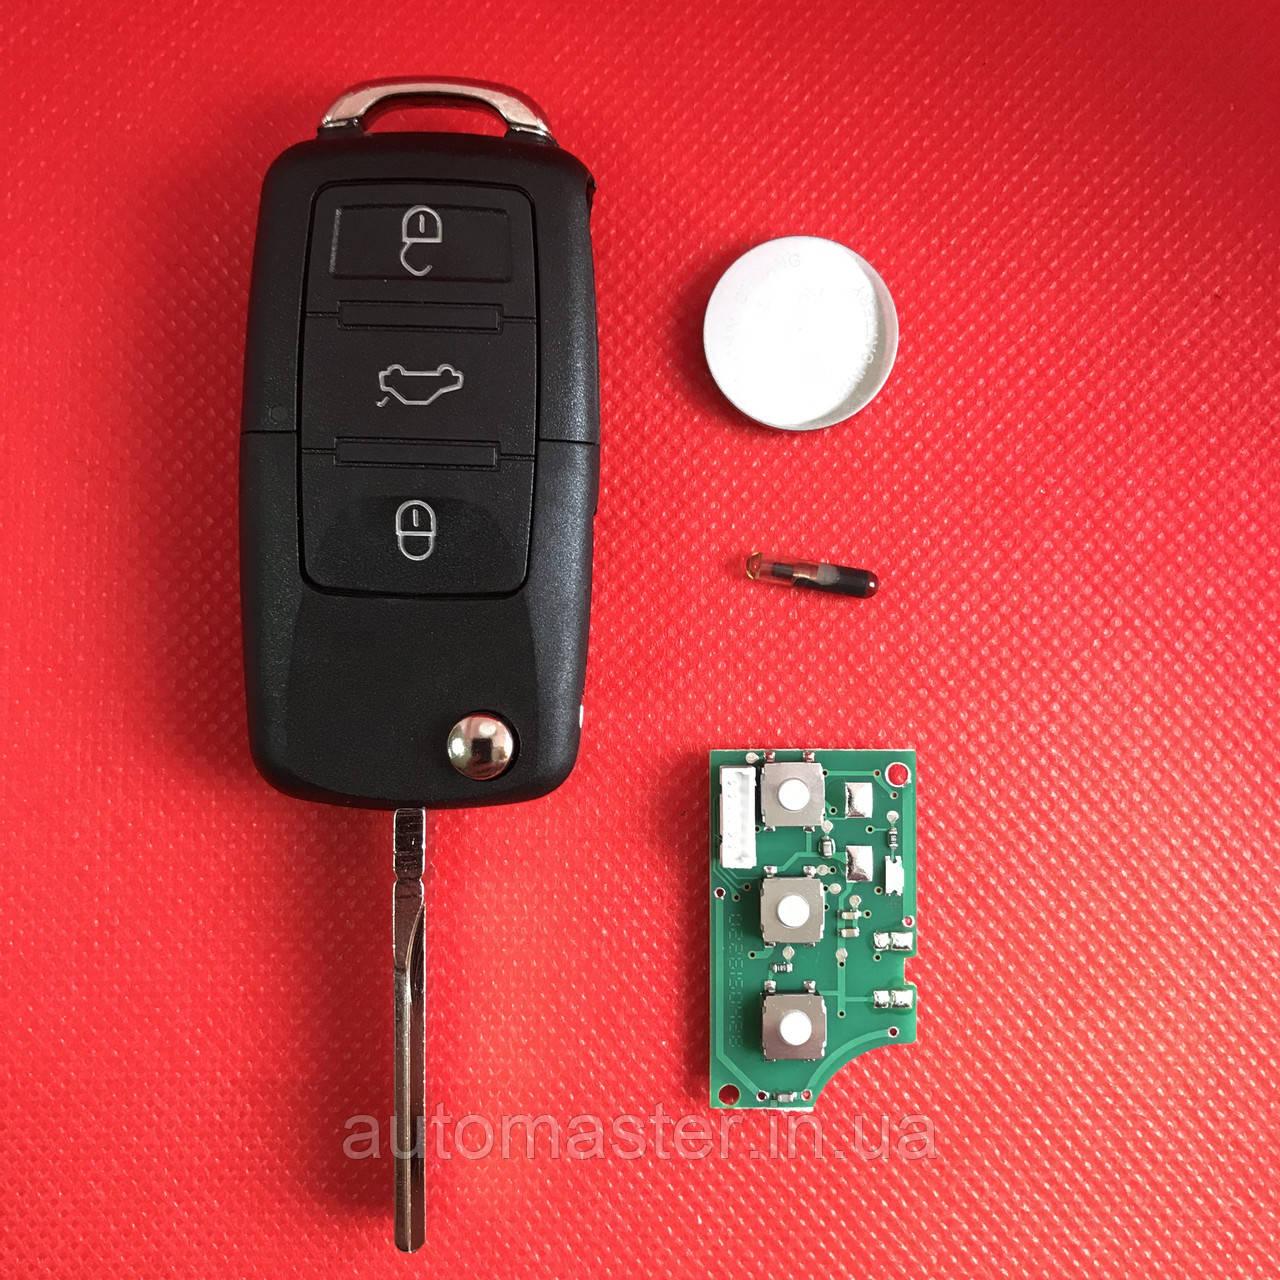 Ключ Фольксваген Volkswagen   Пассат 3 кнопки с микросхемой 1J0959753DJ,с частотой 315 MHz ID48